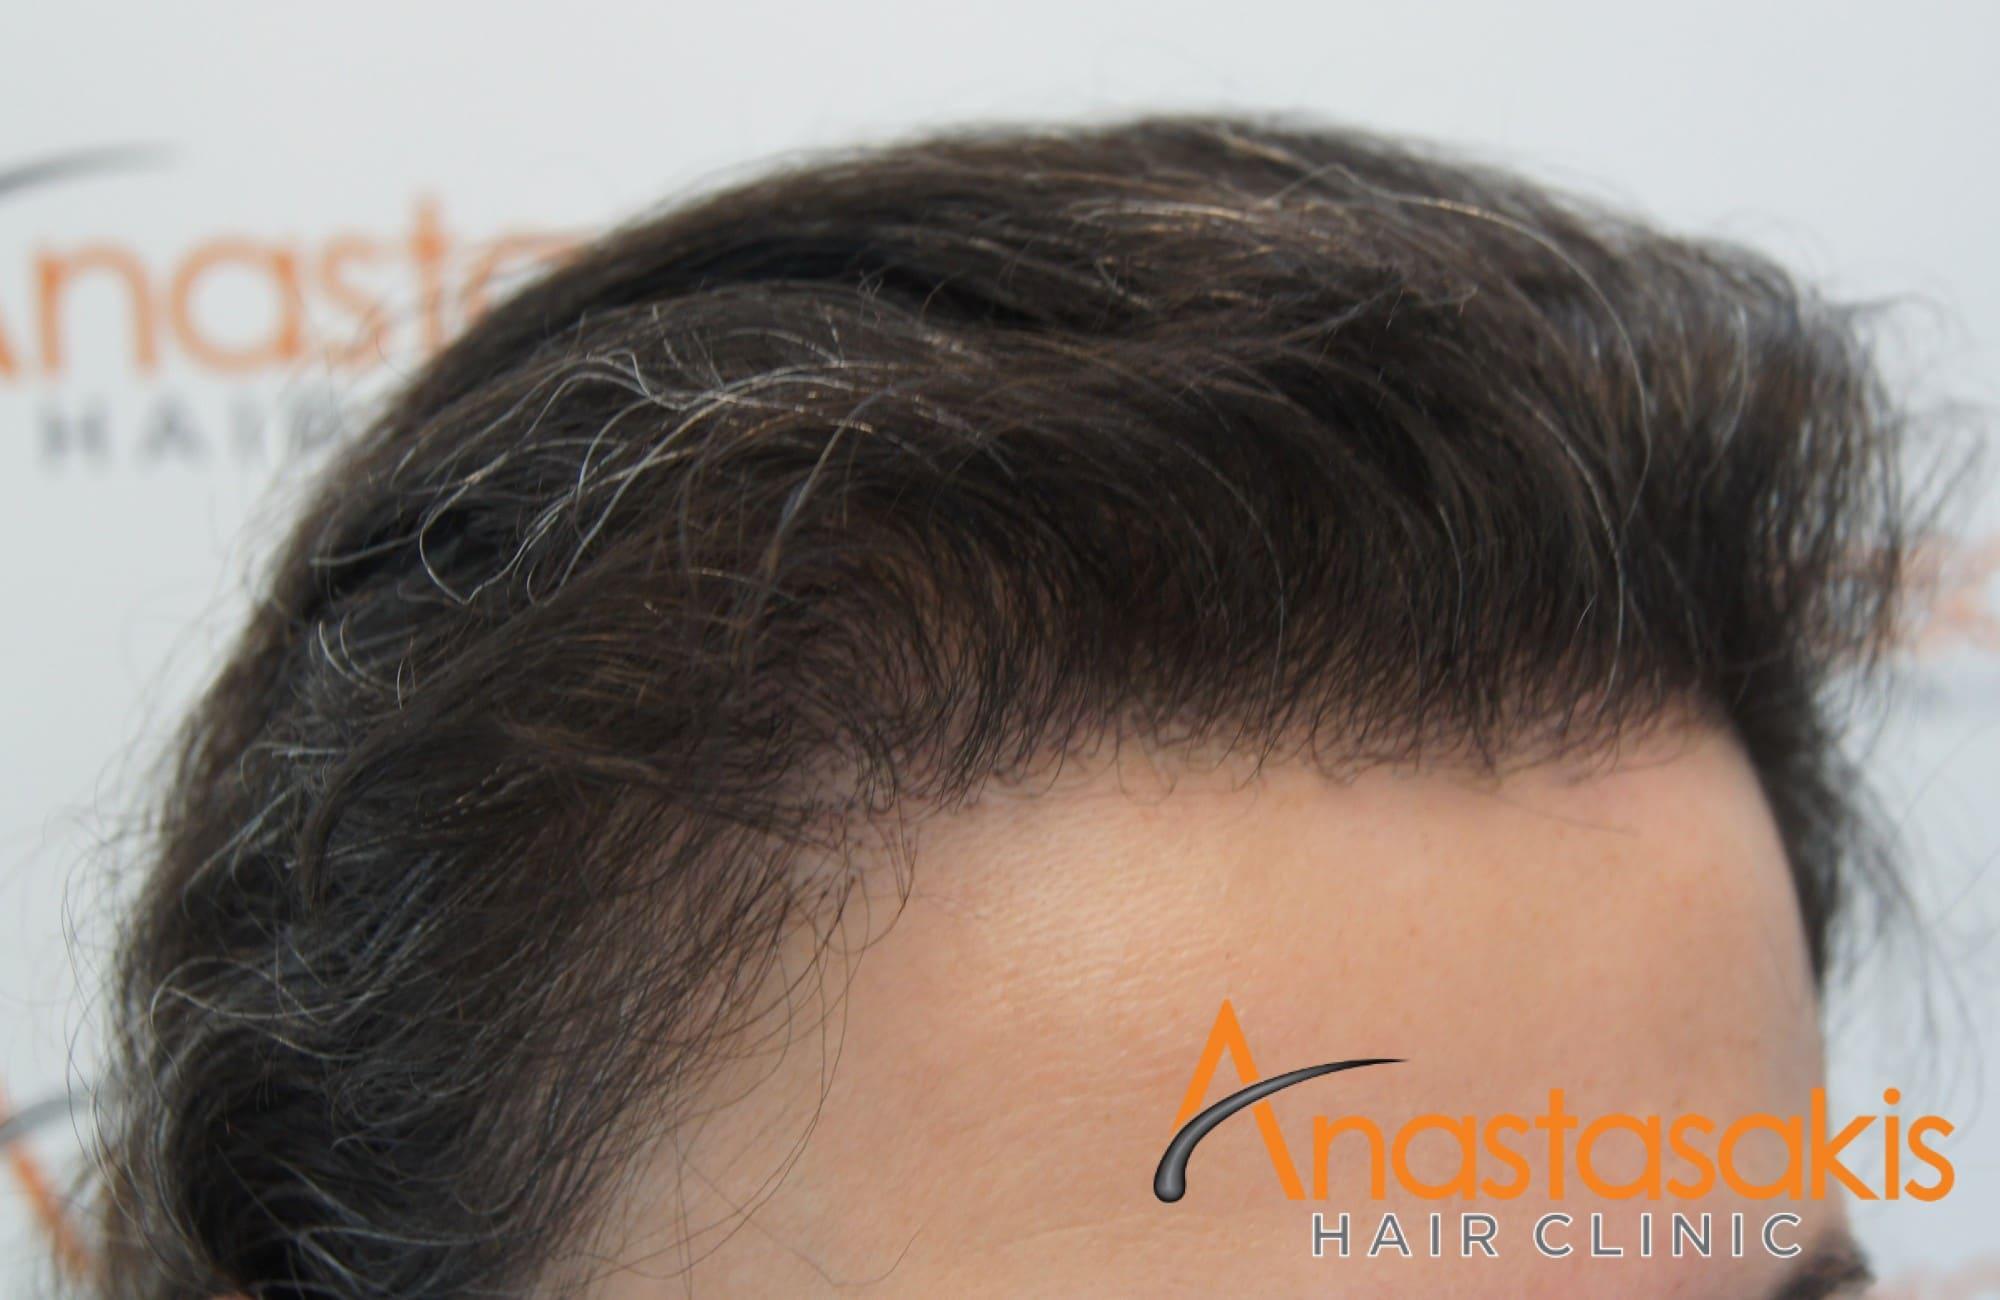 περιστατικό με 2600 fus - μετα τη μεταμόσχευση μαλλιών - γυναίκα - αριστερο προφιλ